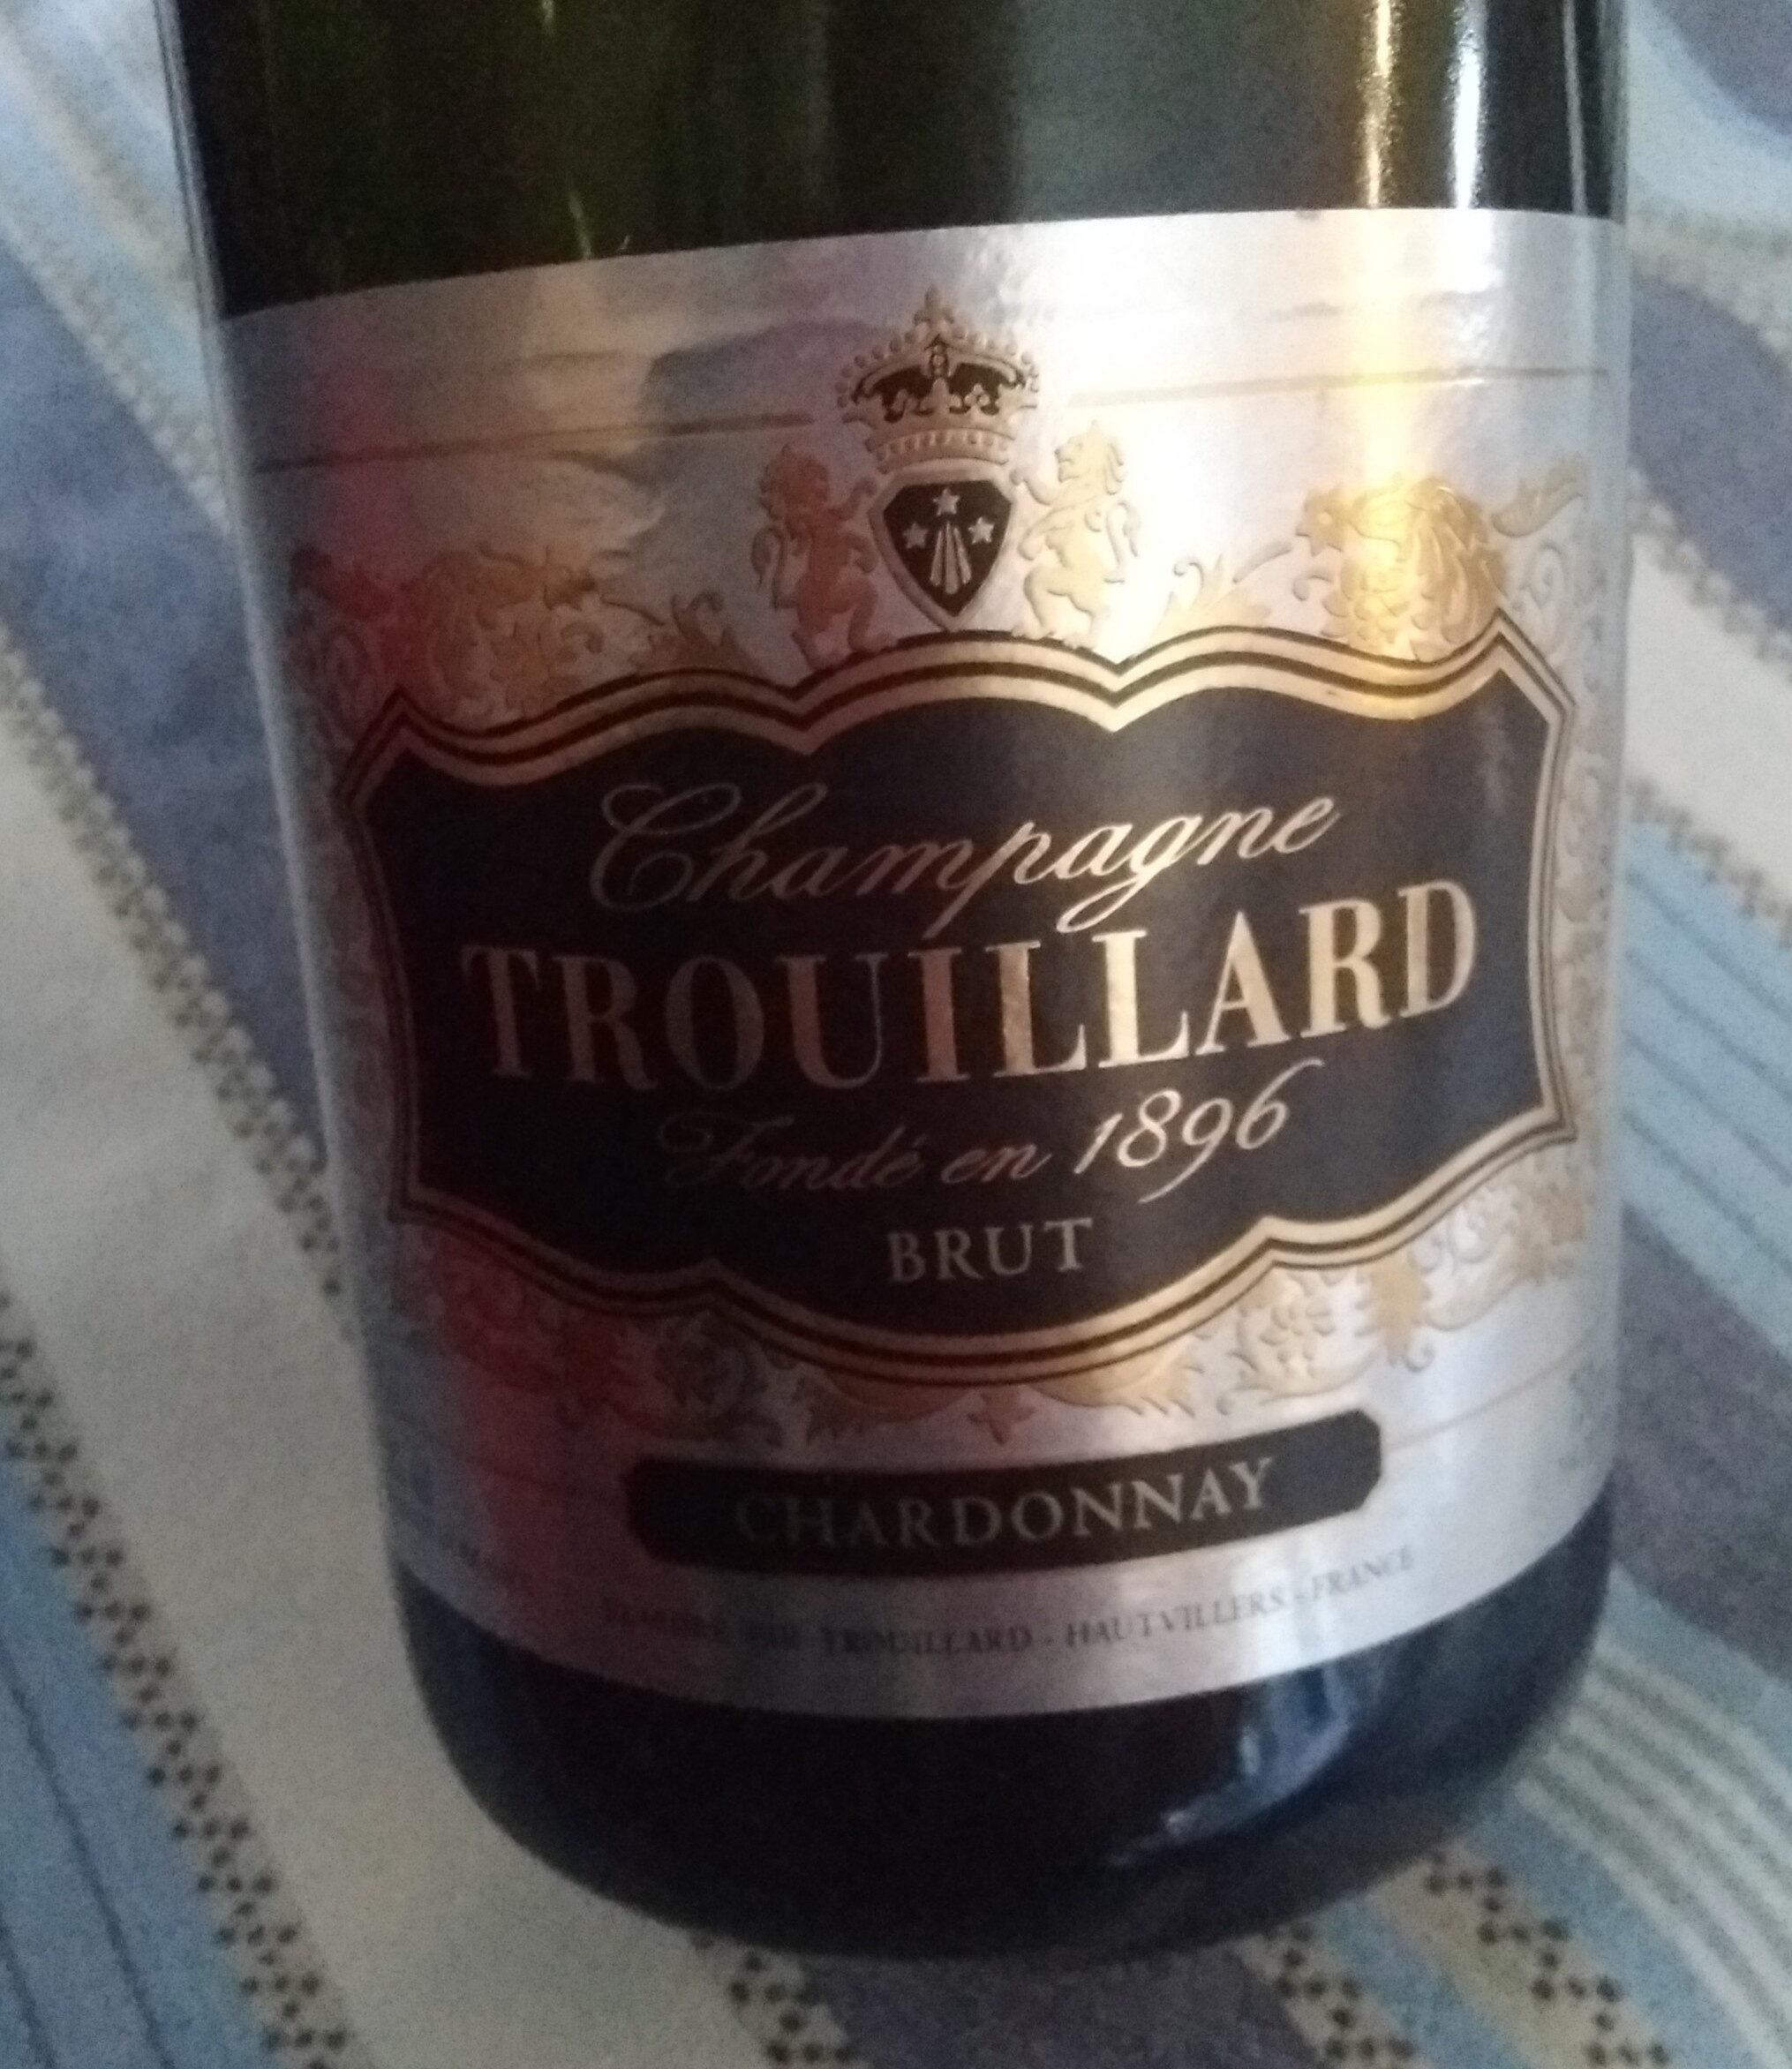 Champagne Brut - Prodotto - fr